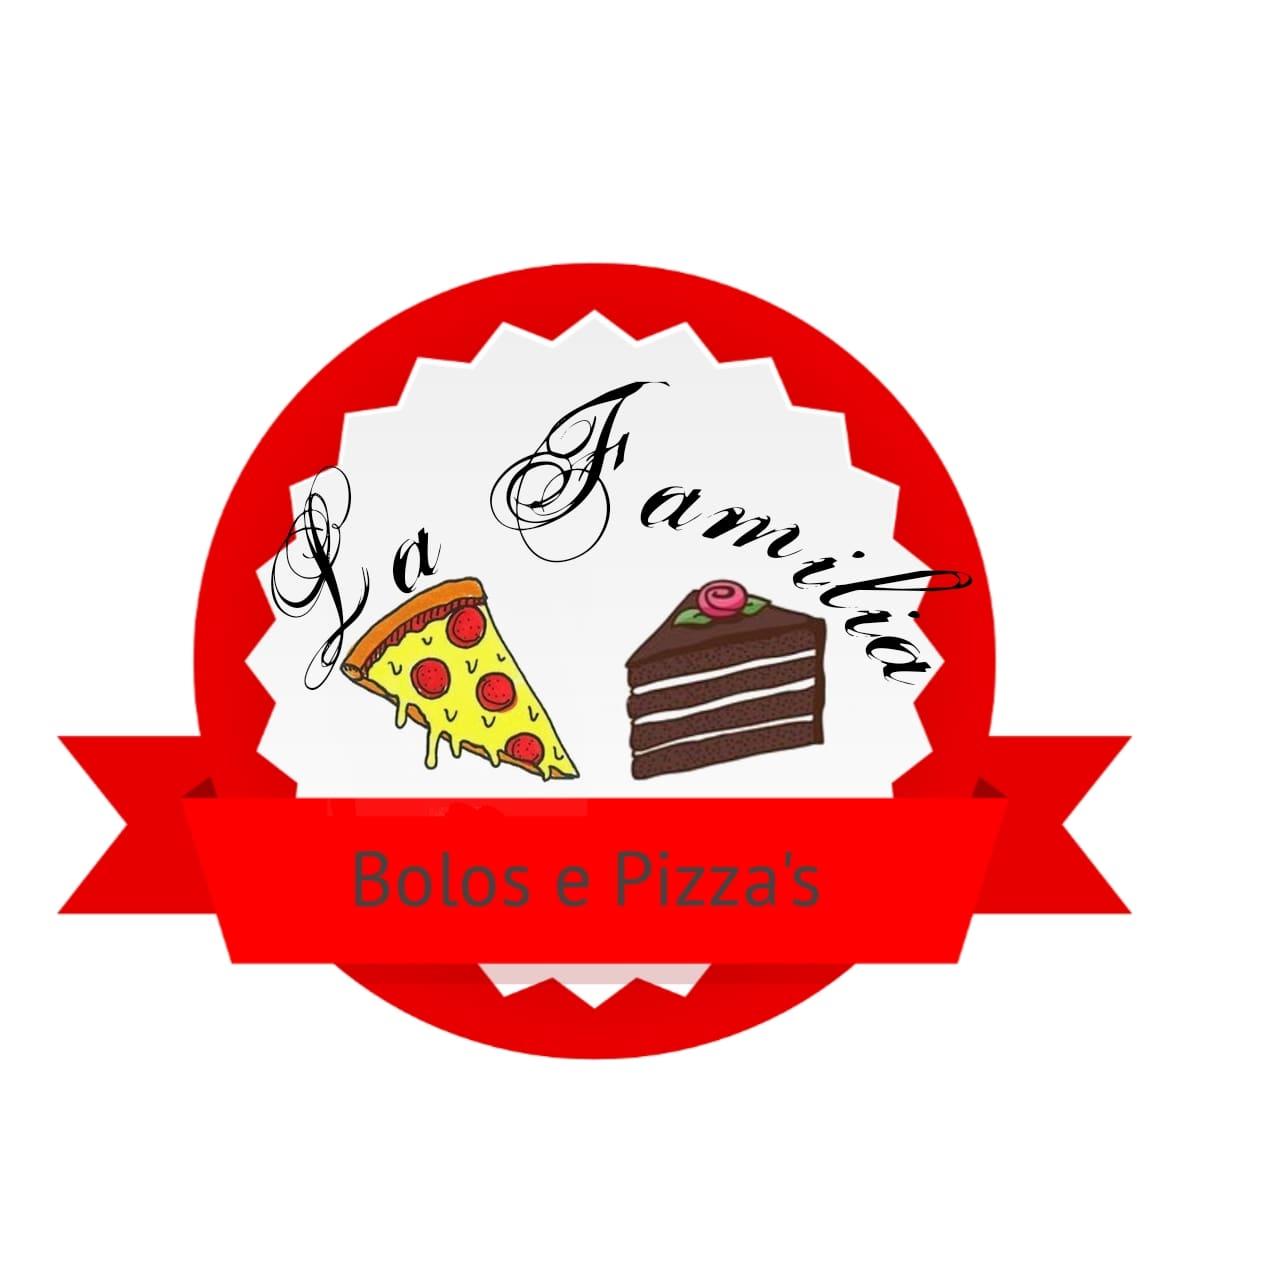 La Familia Pizza's e Bolos